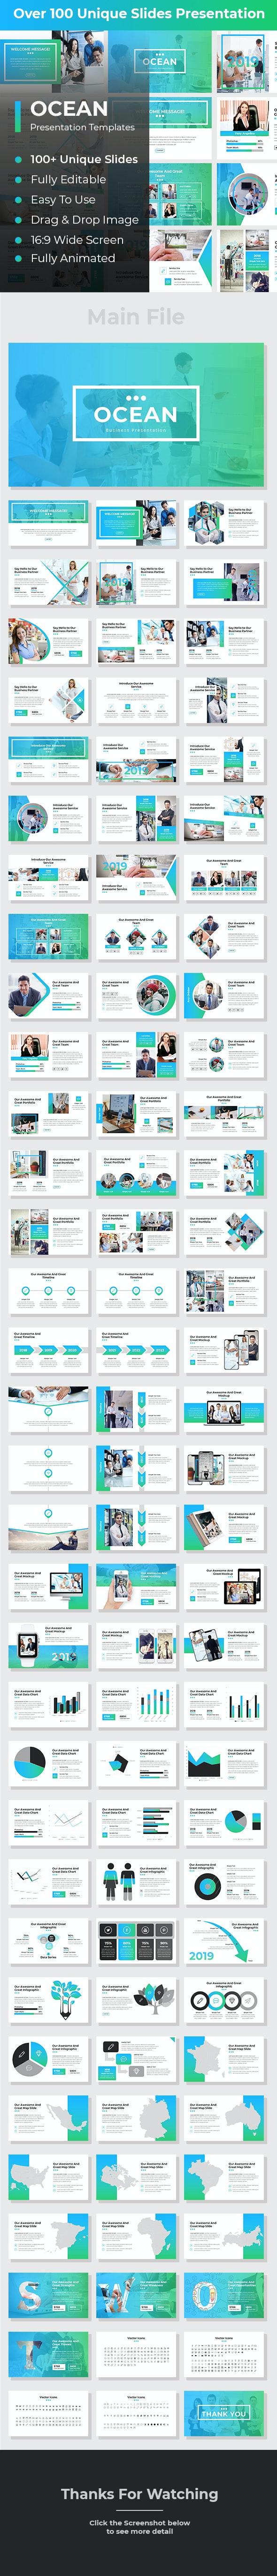 Ocean Business Google Slides - Google Slides Presentation Templates